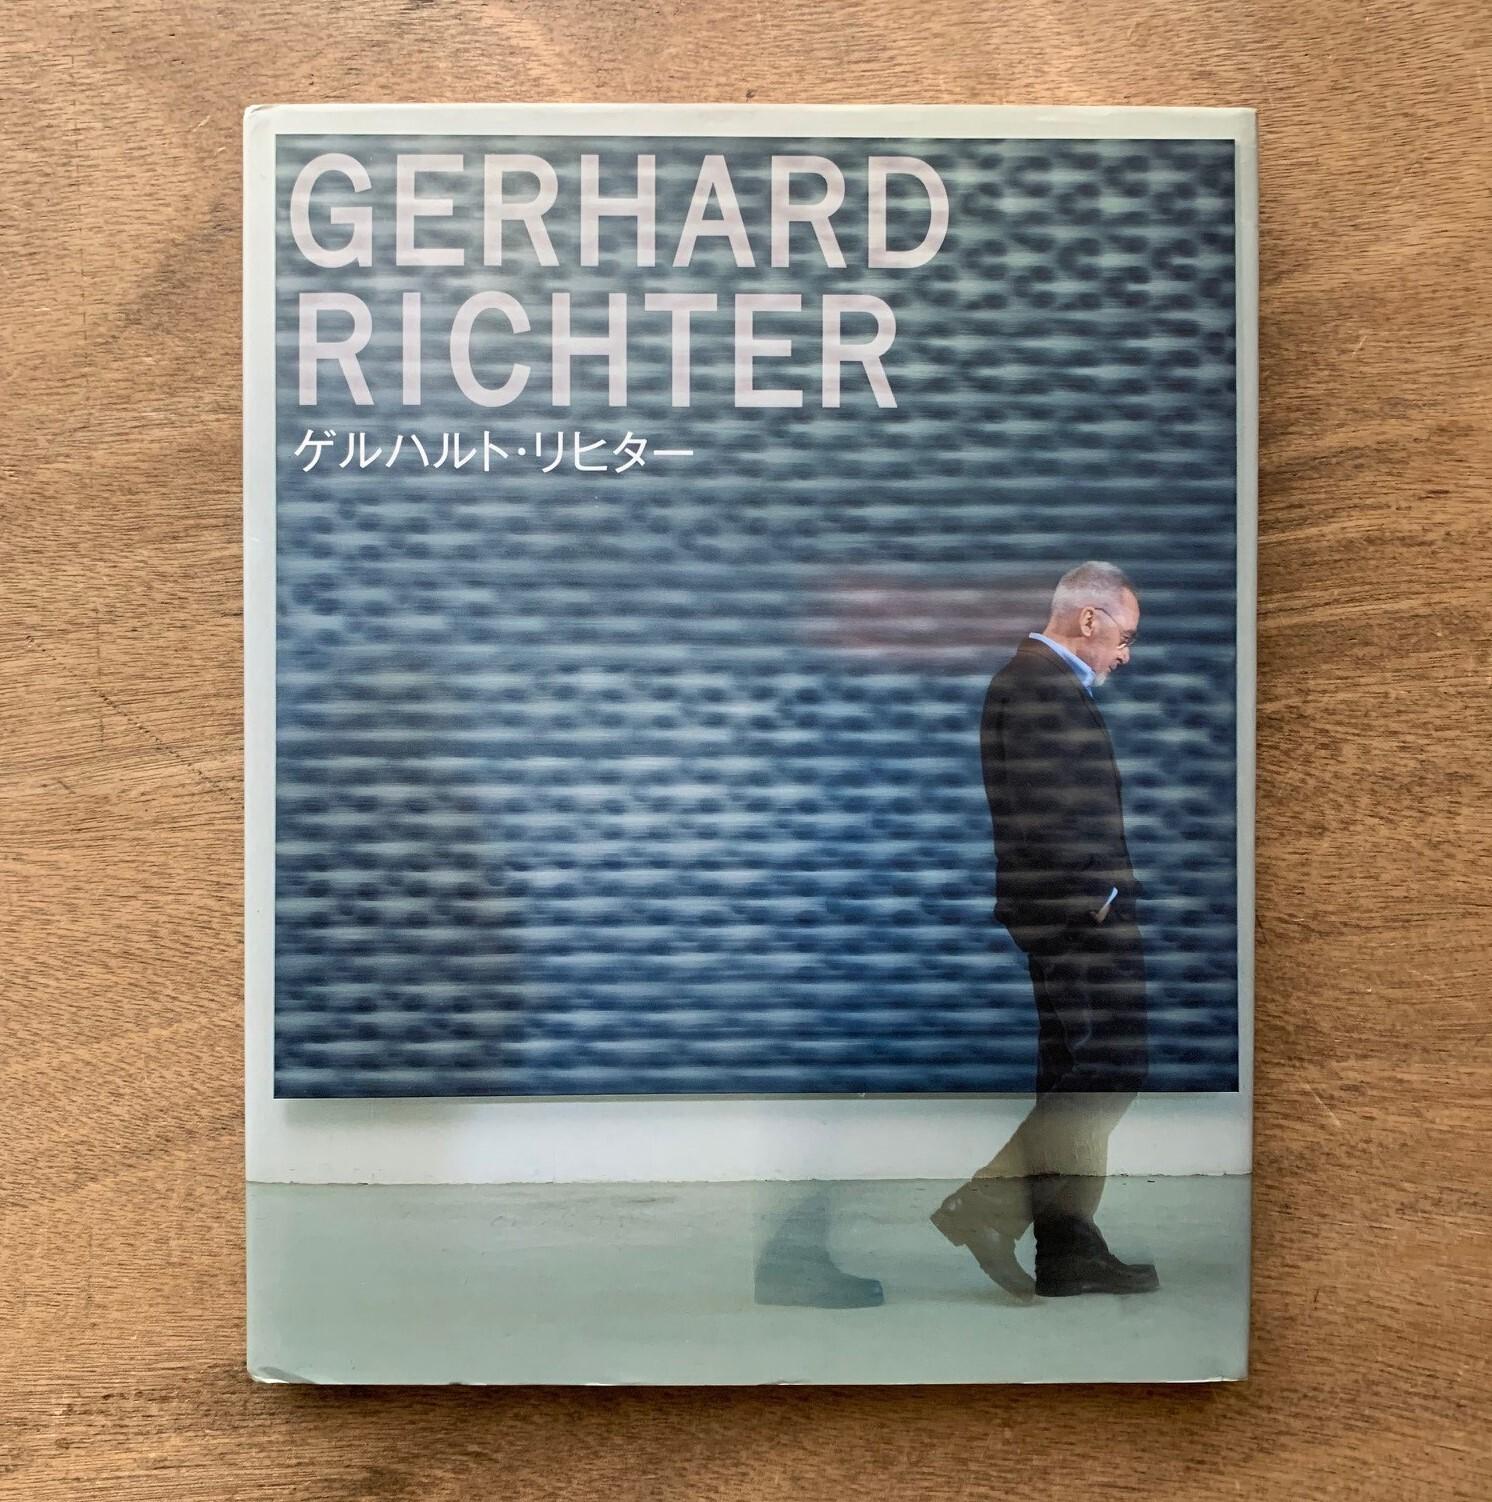 ゲルハルト・リヒター写真論/絵画論 / ゲルハルト リヒター